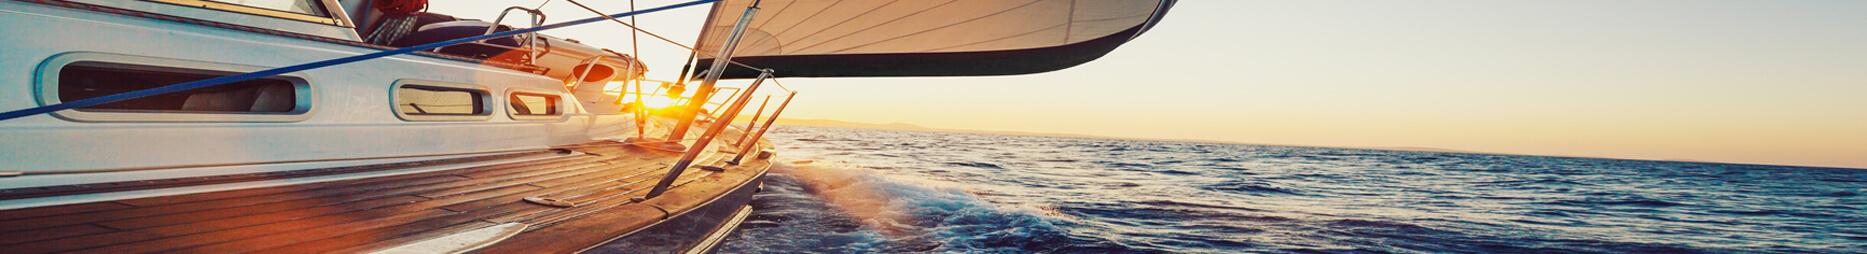 sailboatnewslider-1